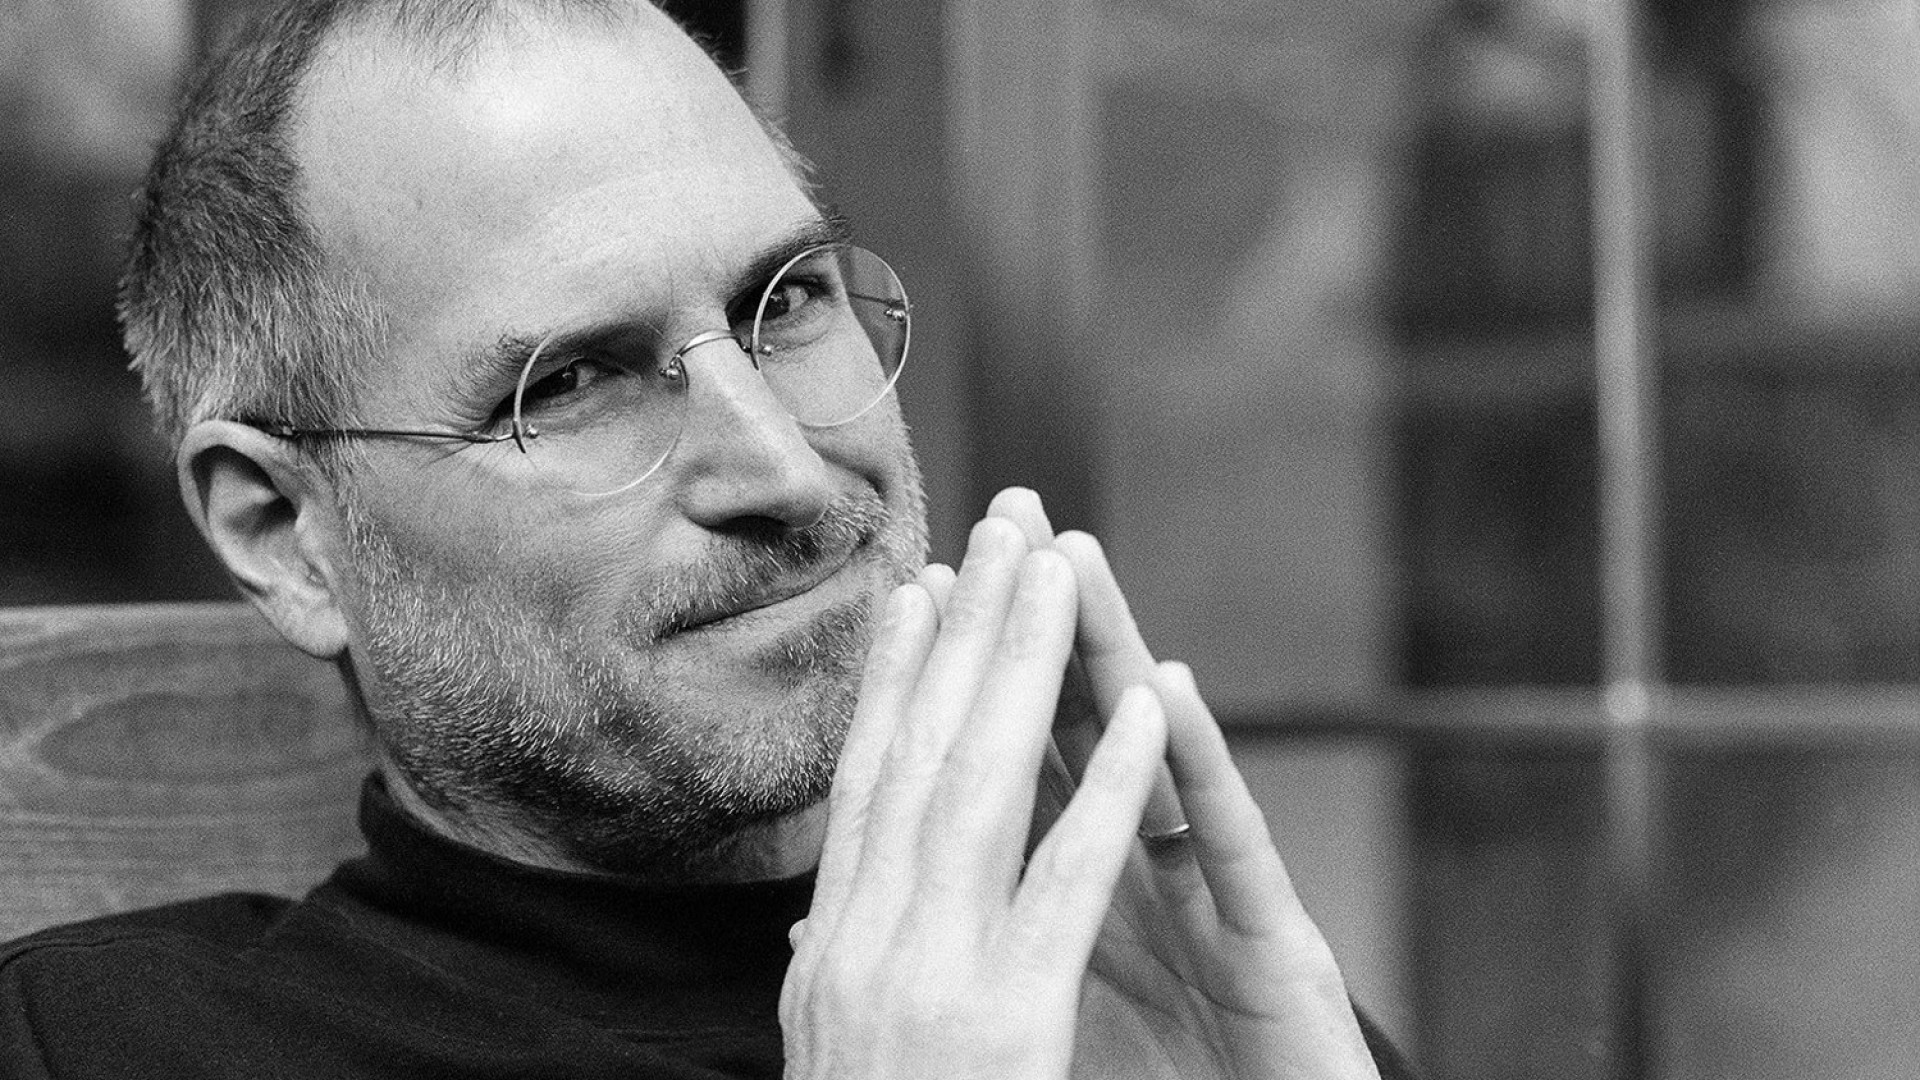 Steve Jobs đã qua đời 5 năm nhưng chúng ta vẫn chưa tìm được ai khác như ông